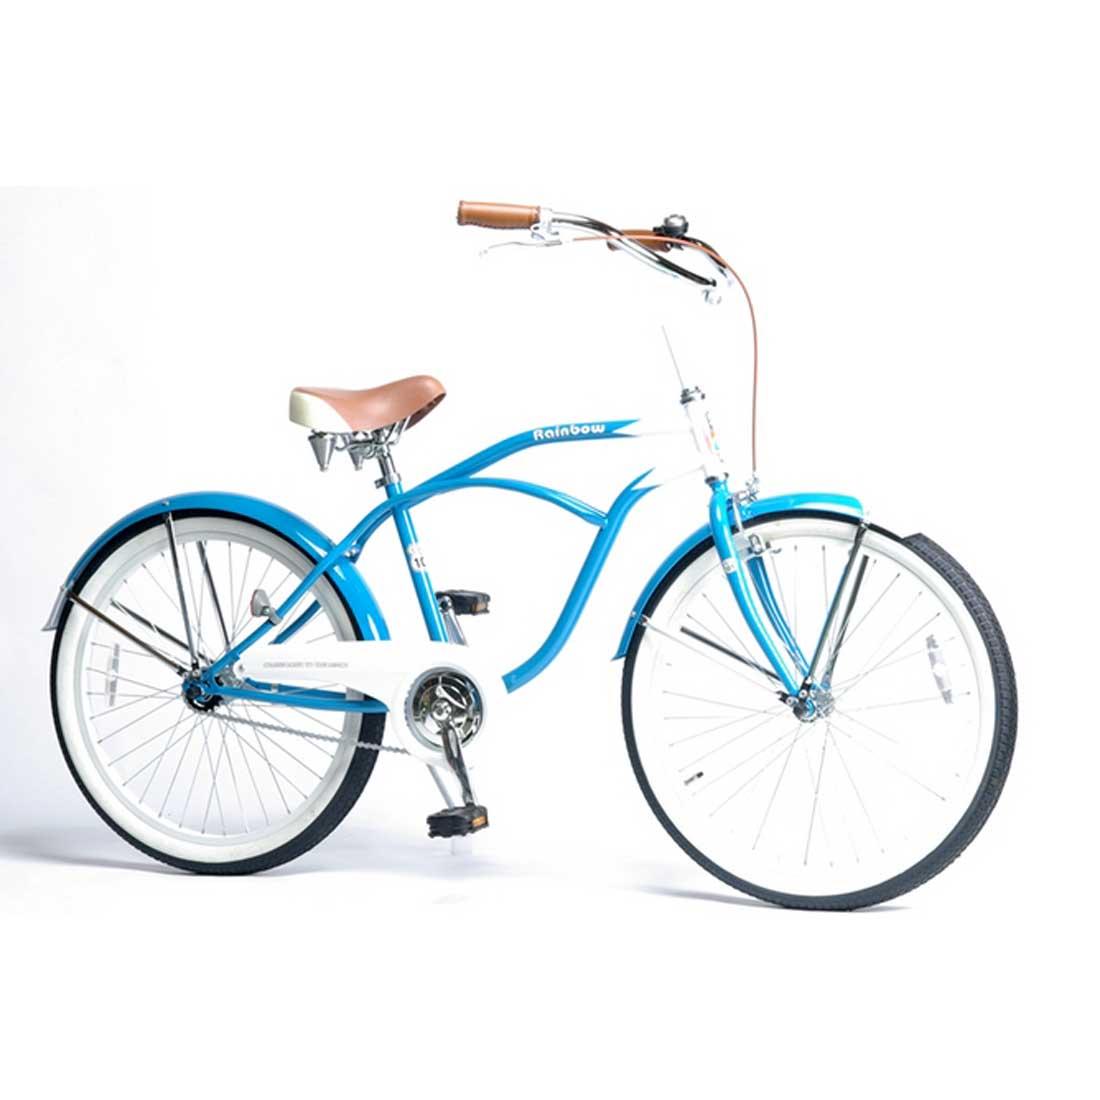 ビーチクルーザー 24インチ おしゃれ 自転車 通勤 通学 レインボービーチクルーザー 24TOWN サニーブルー レディース メンズ